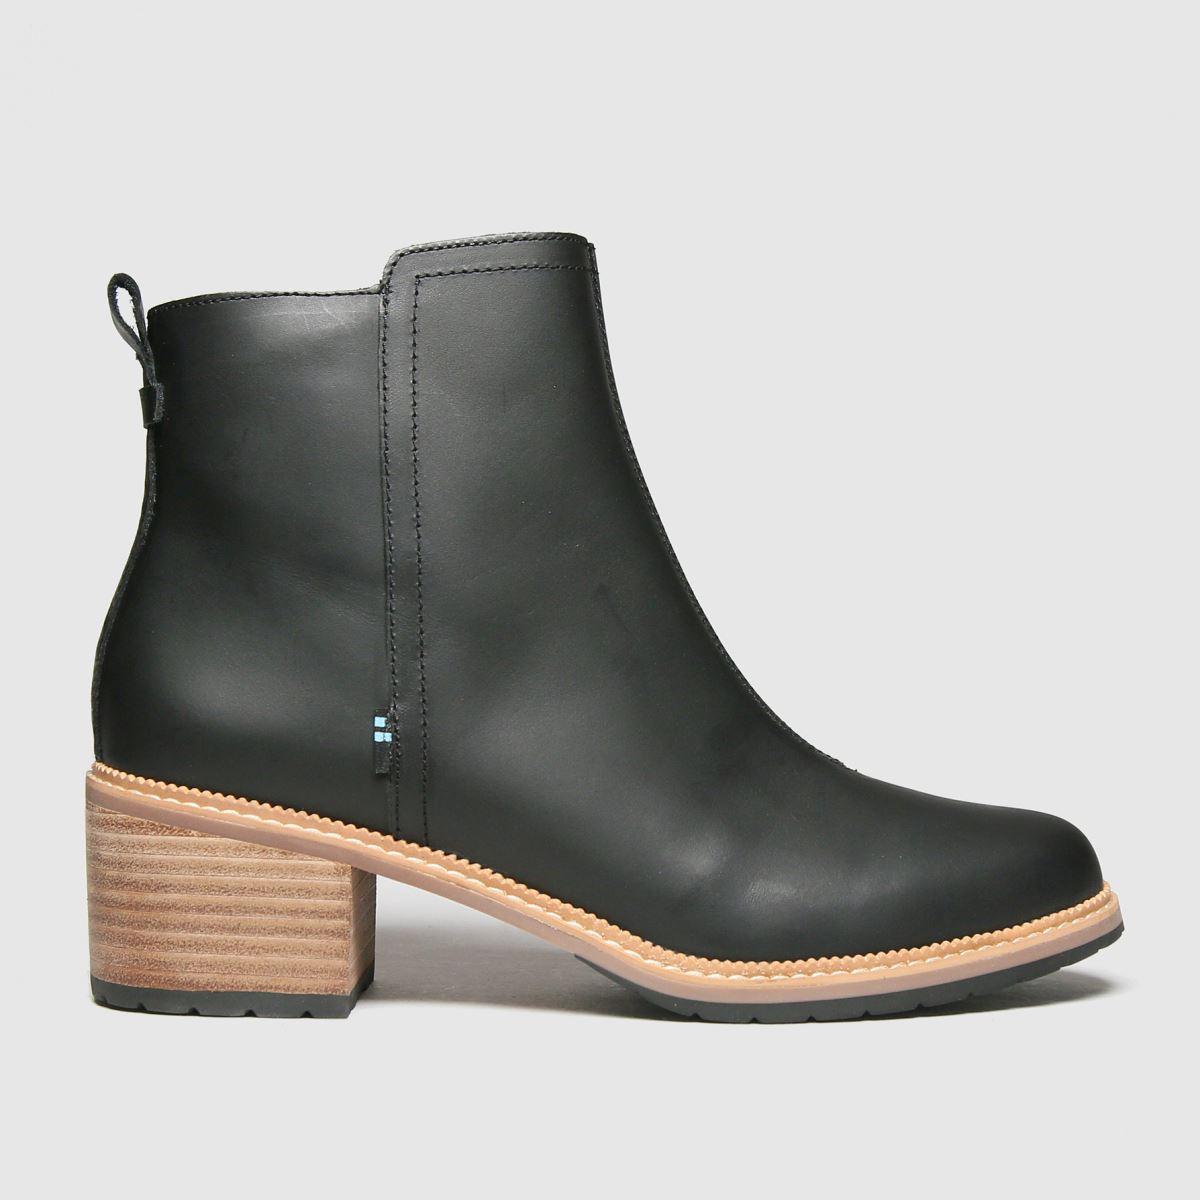 Toms Black Marina Boots